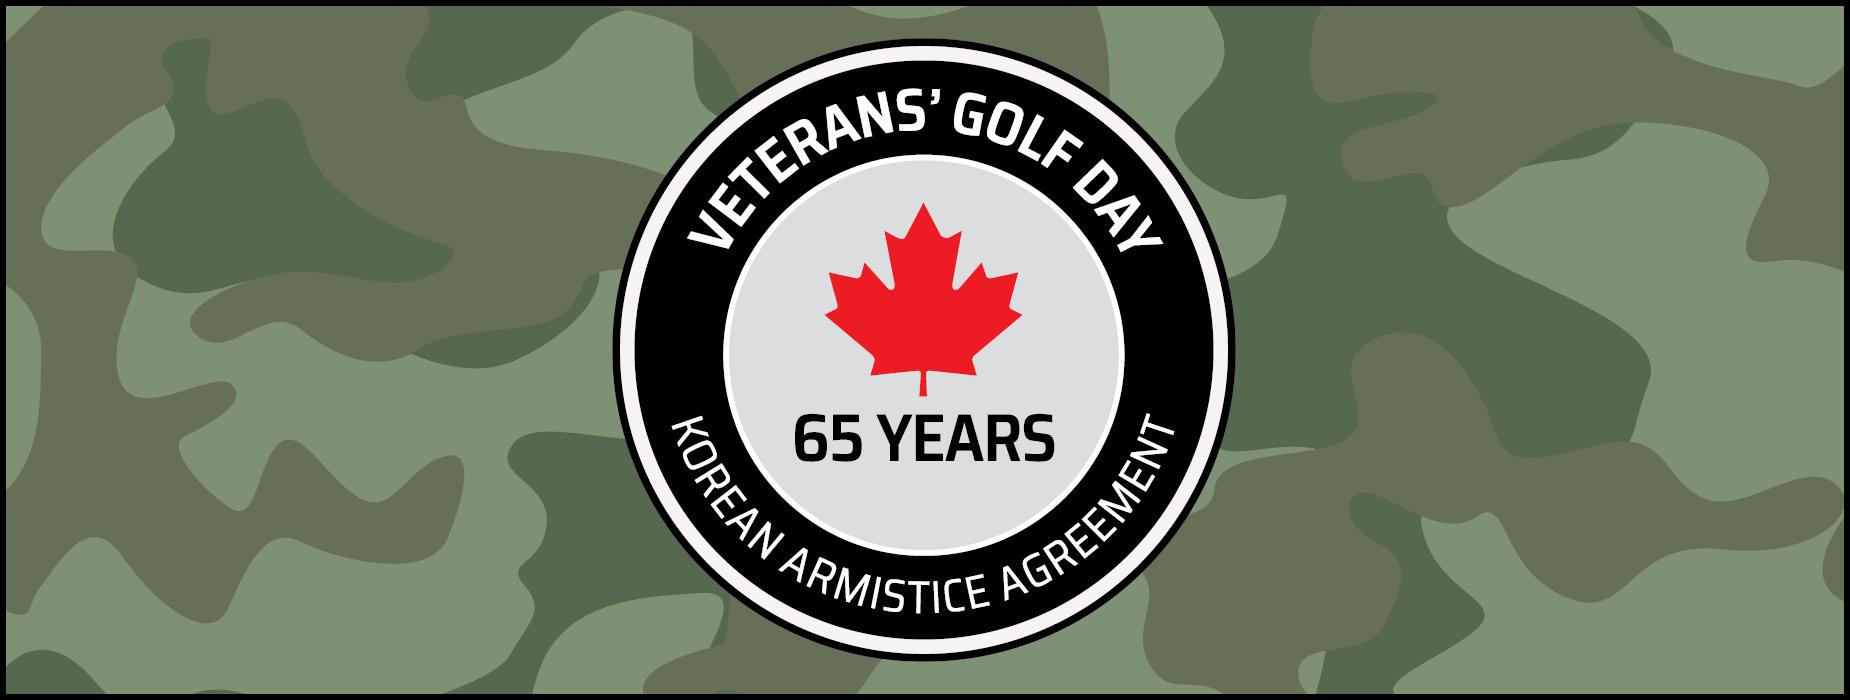 Banner Image for the Veterans